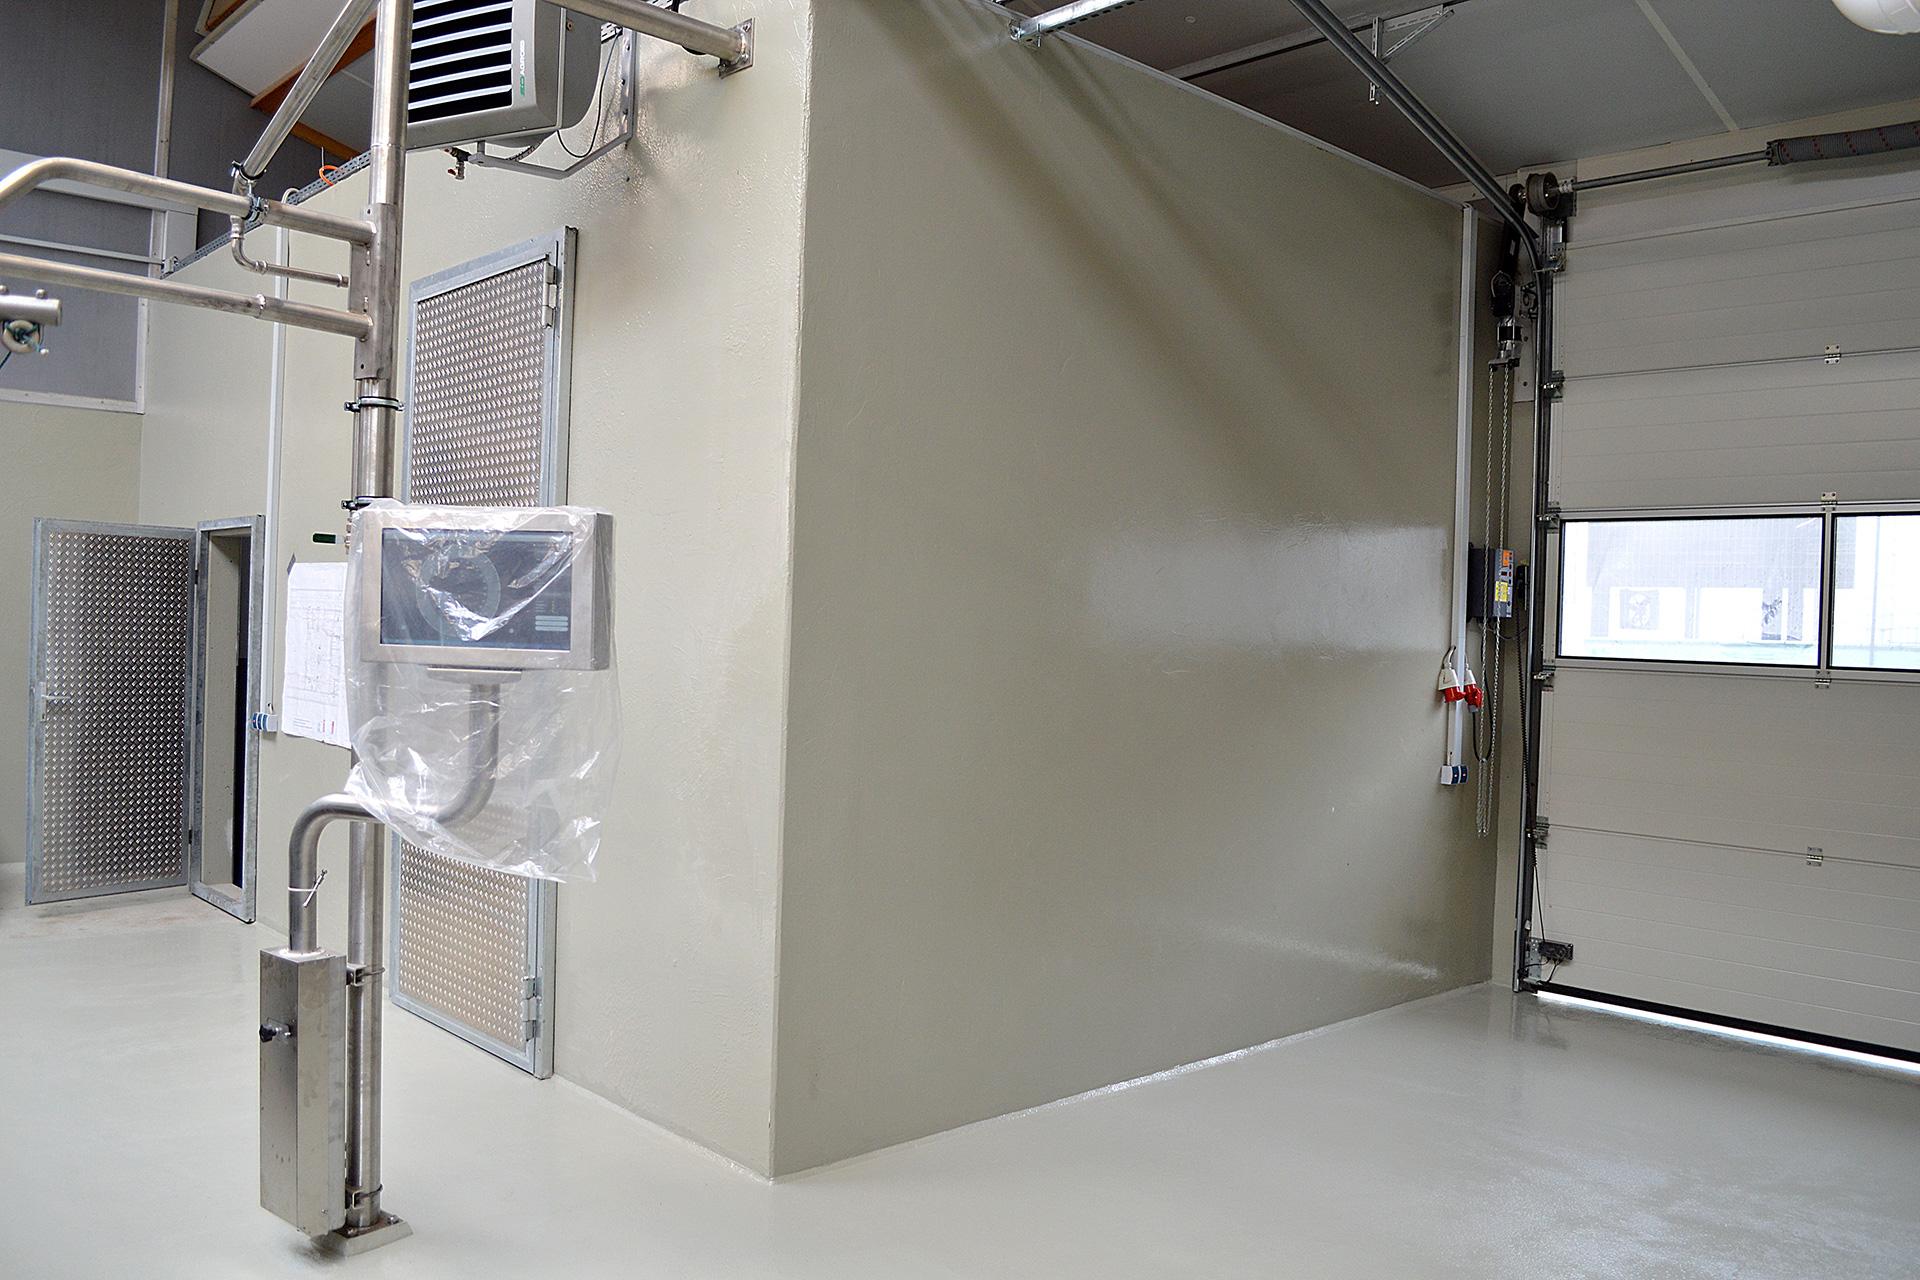 Referenz Boden- und Wandbeschichtung, Bild 0030